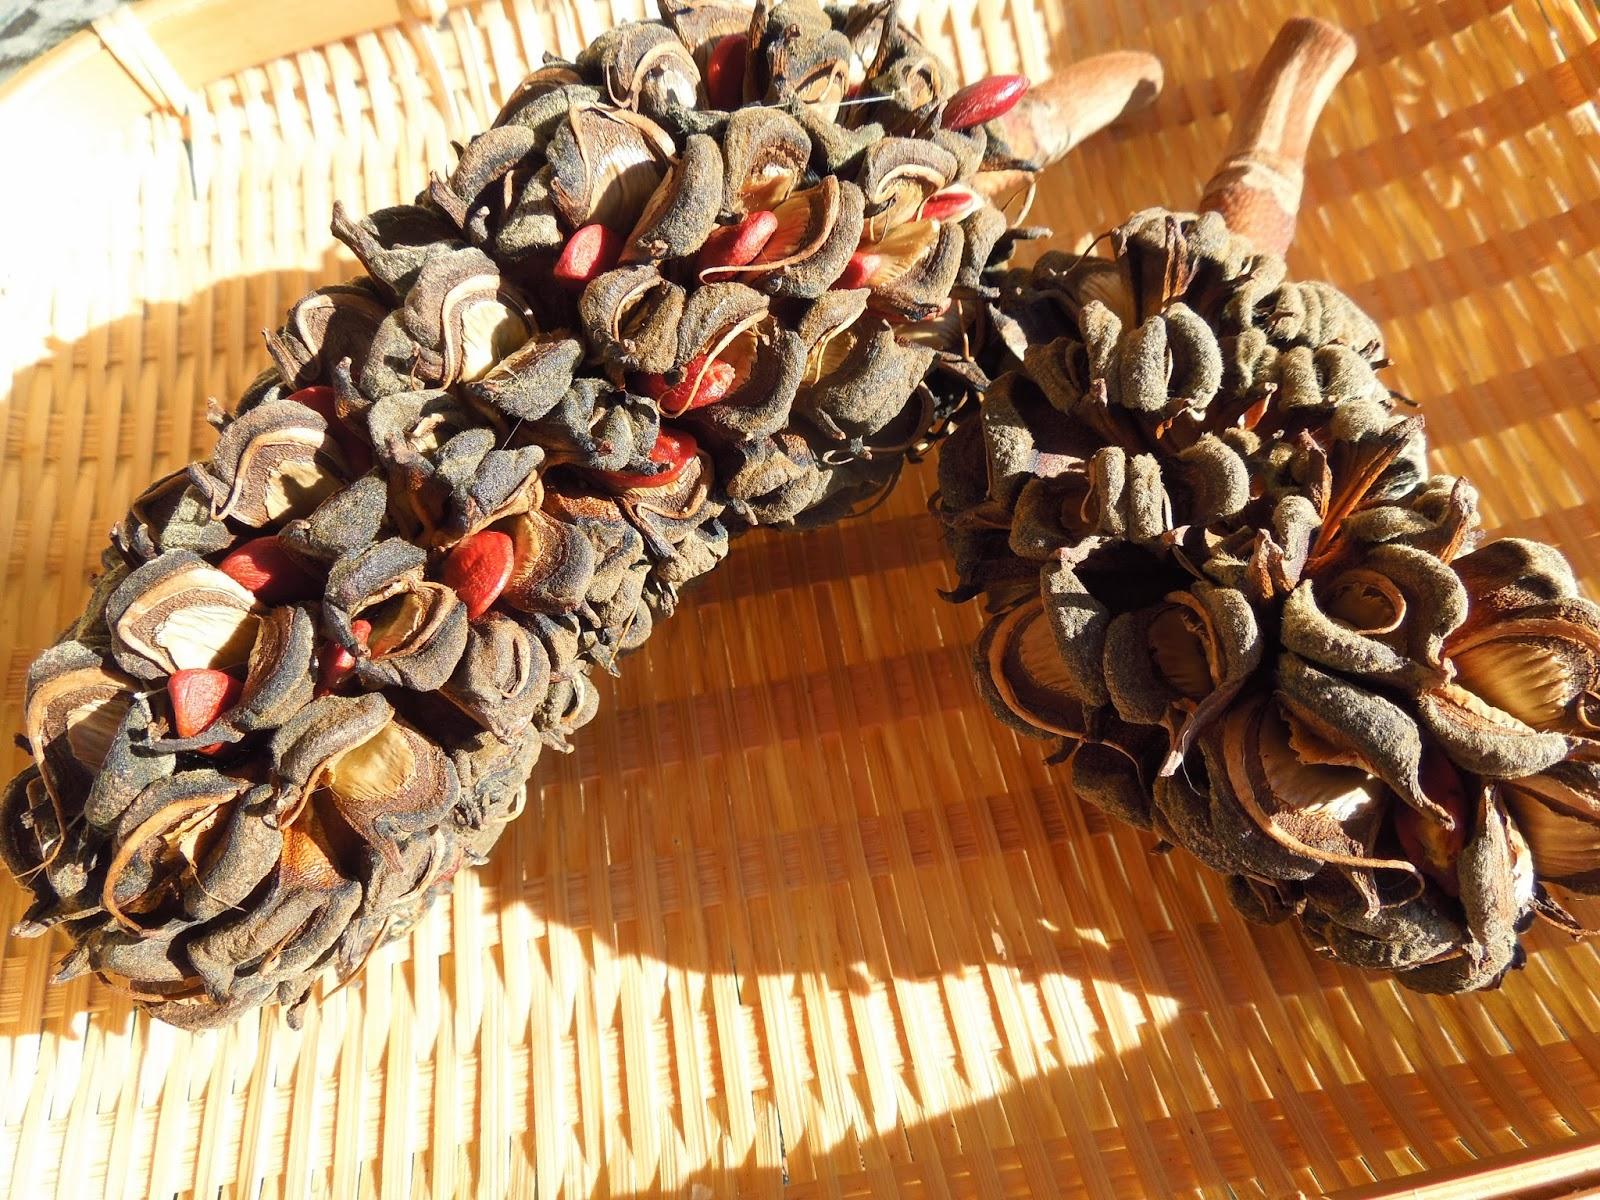 Semillas de magnolio y de palmera bot nic serrat - Semilla de magnolia ...